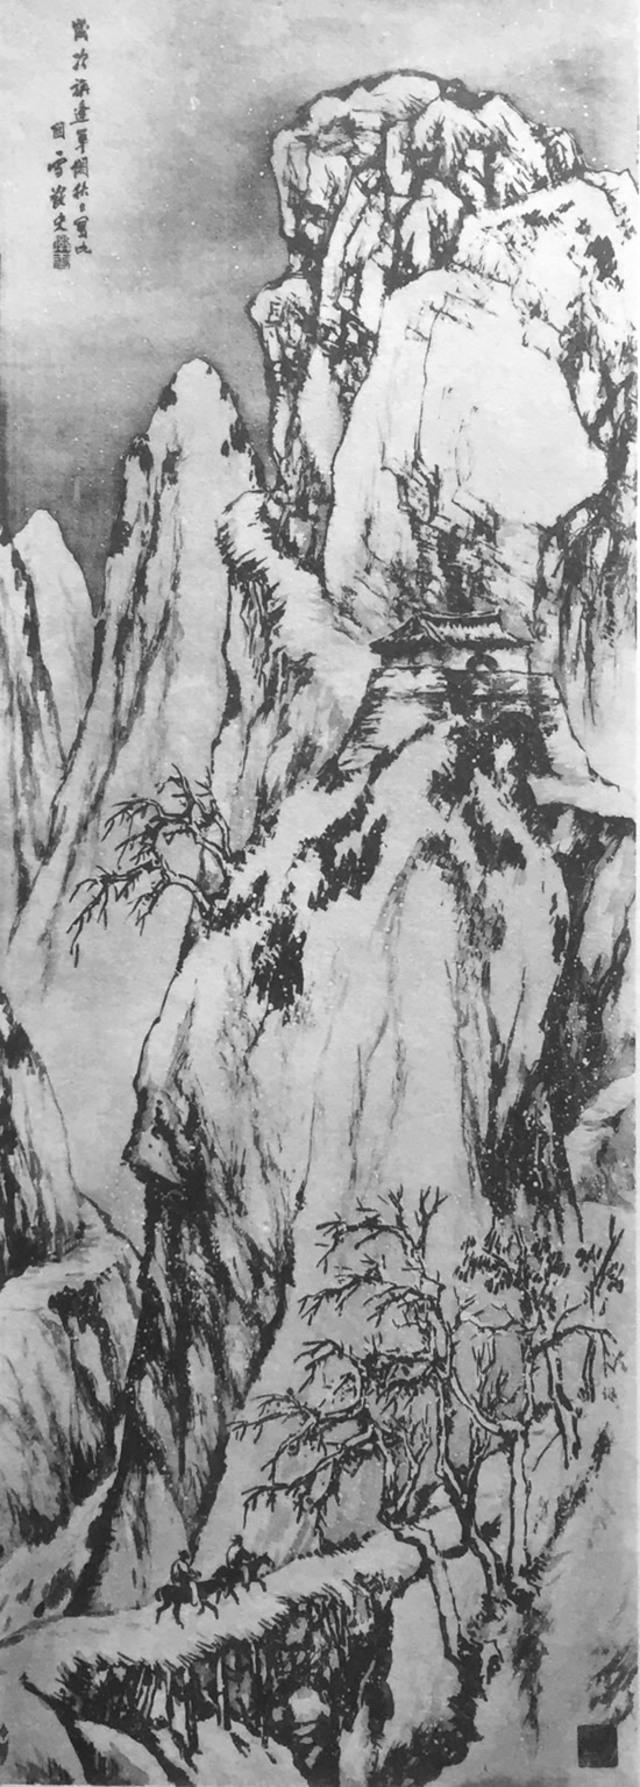 関雪散民画集 - 1 / 1凍雲危桟s.jpg